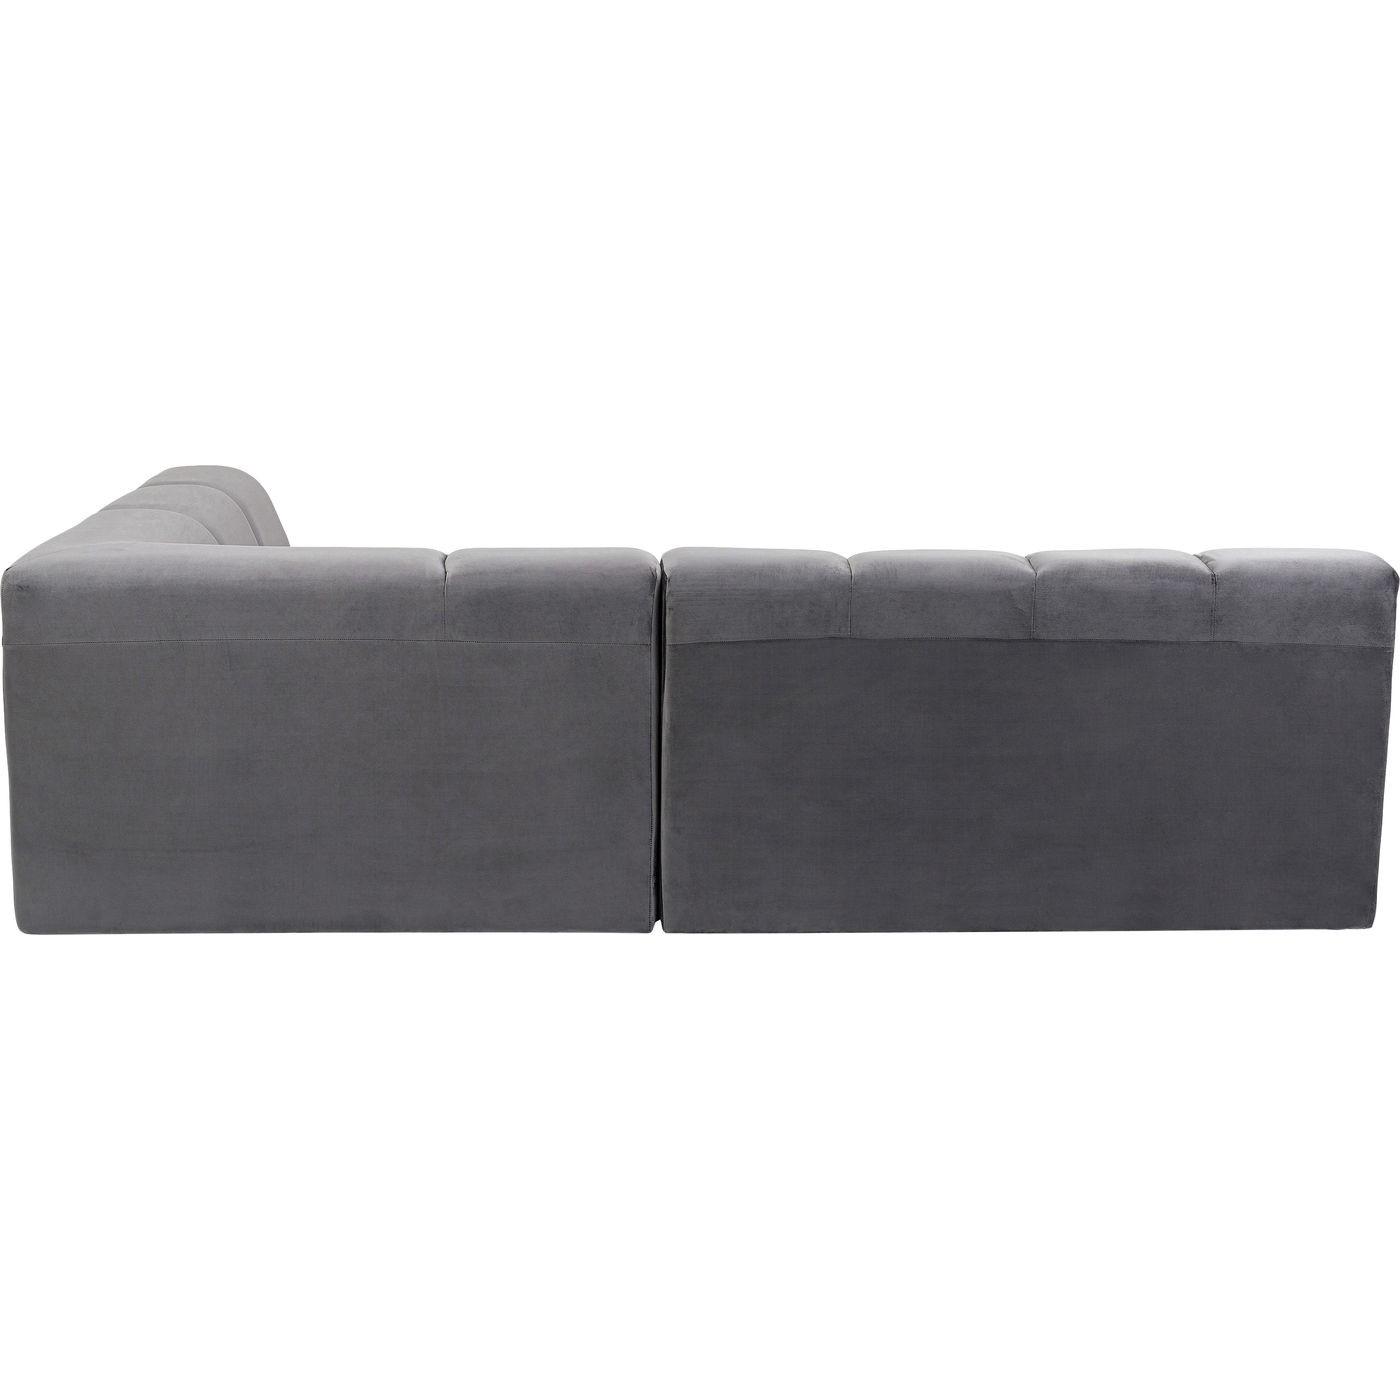 Canapé d'angle droite 4 places en tissu gris